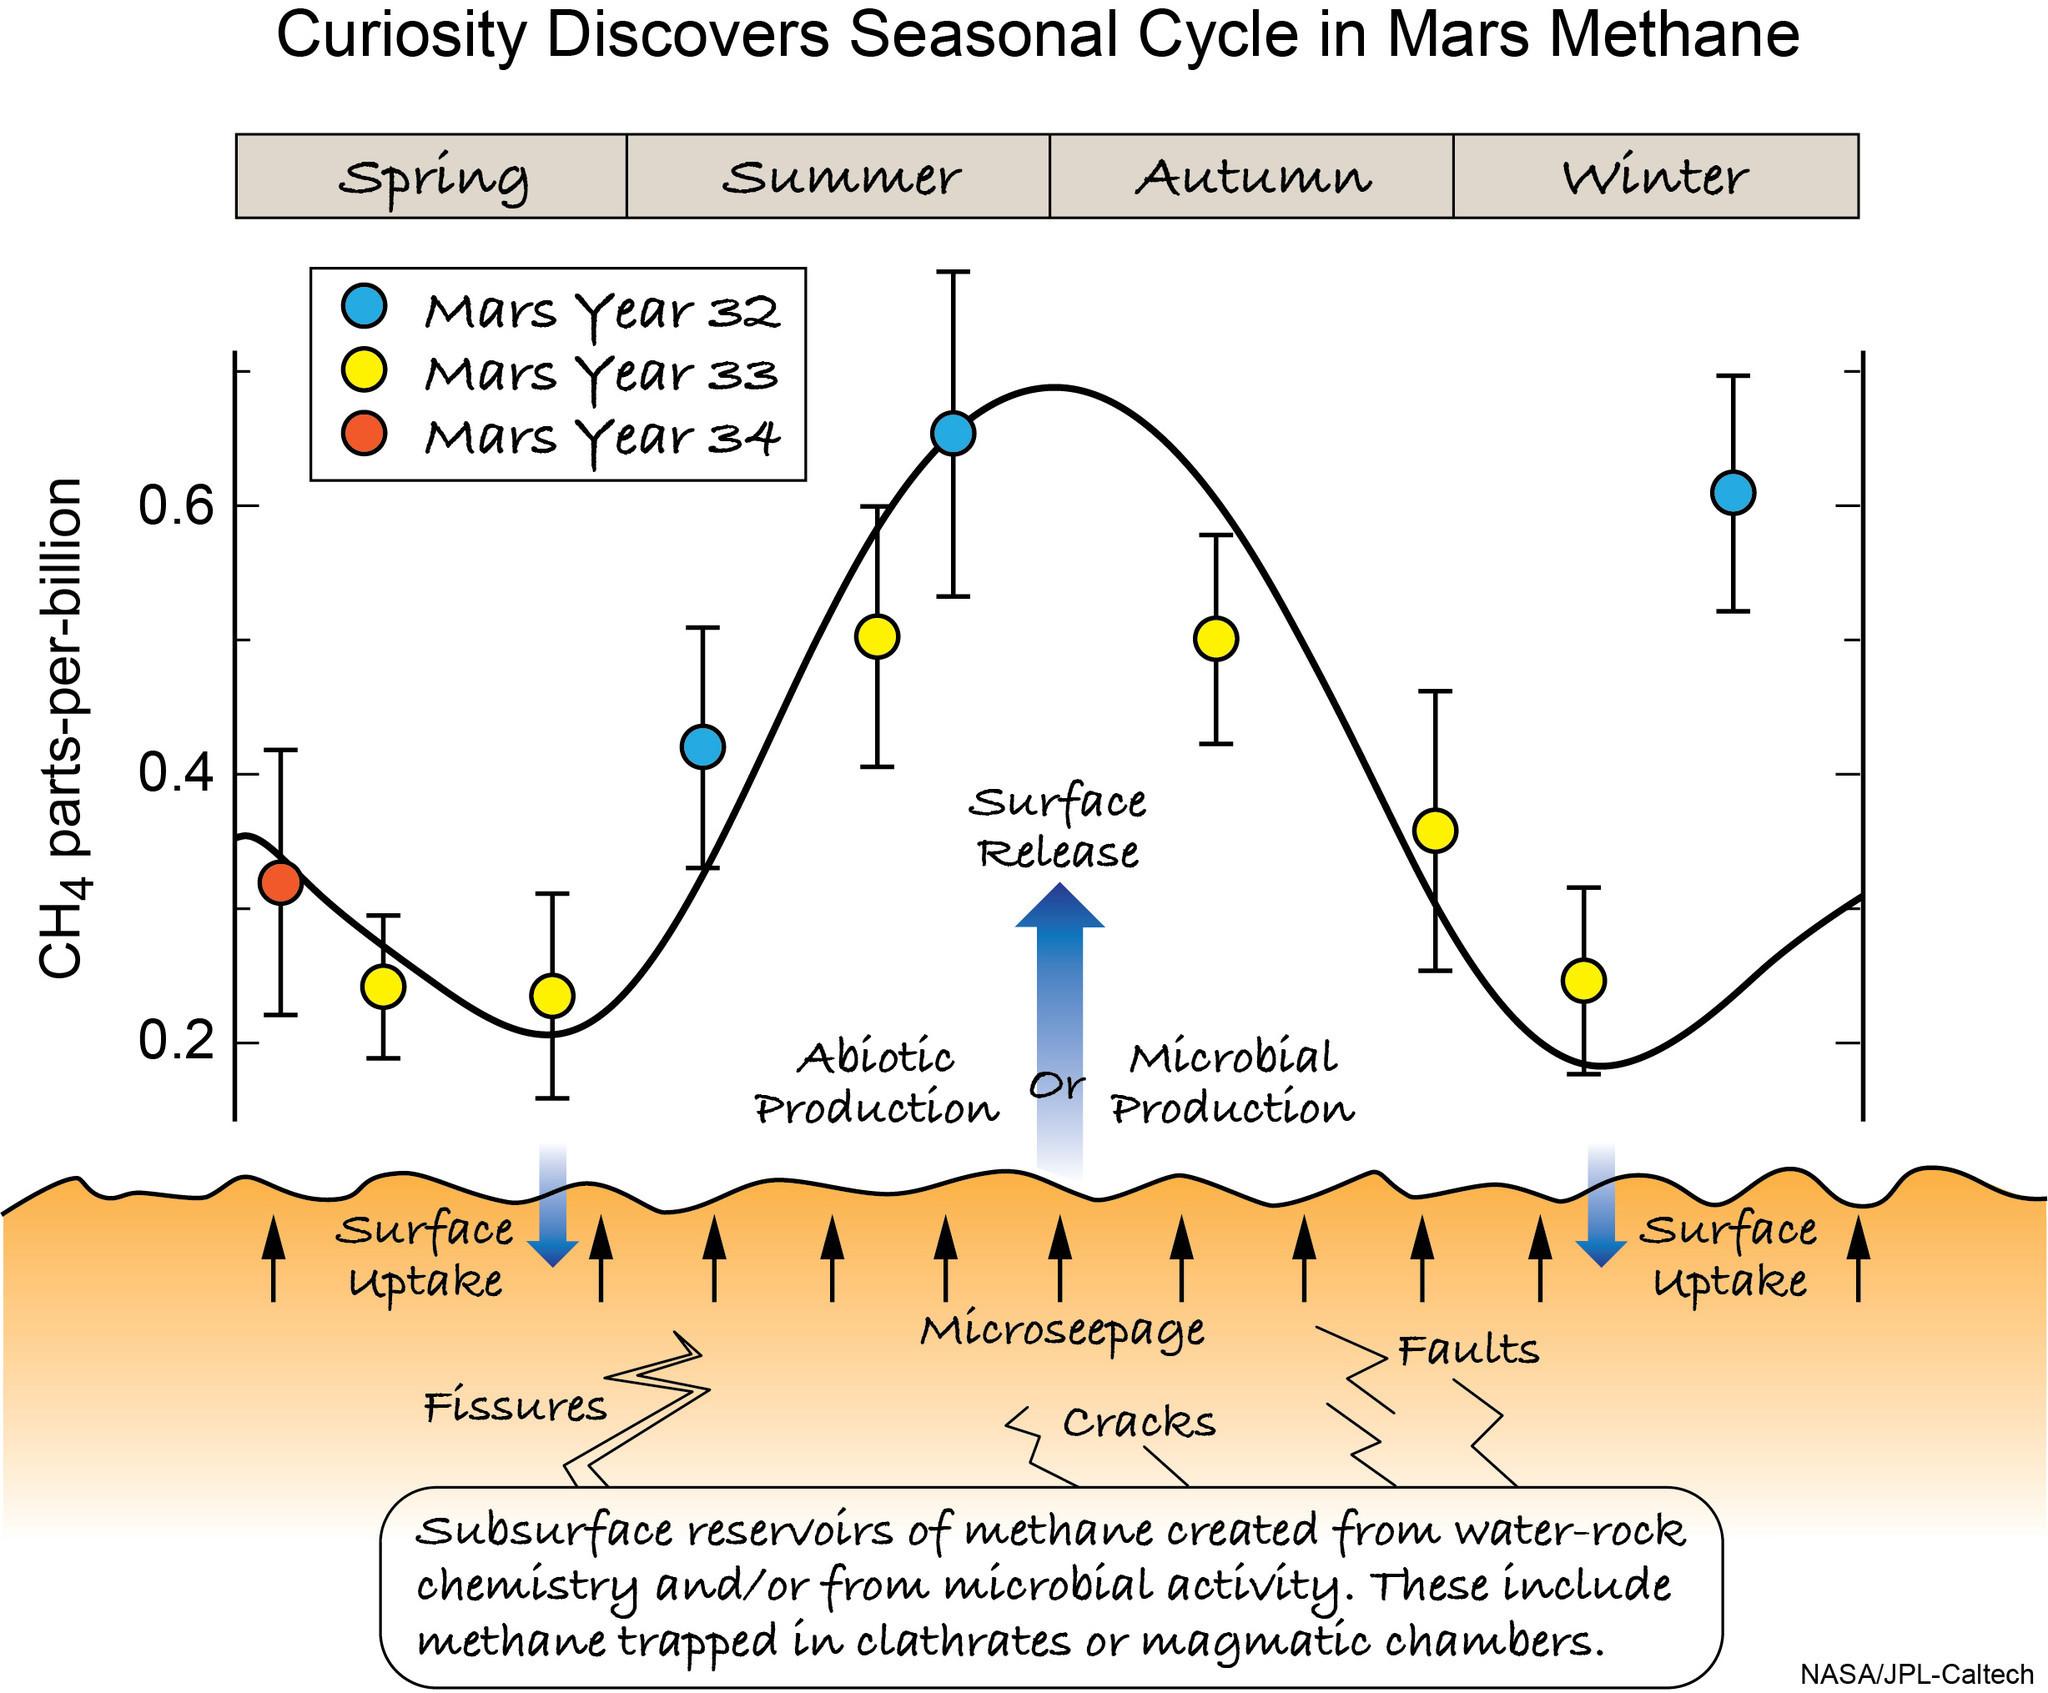 Methane on Mars